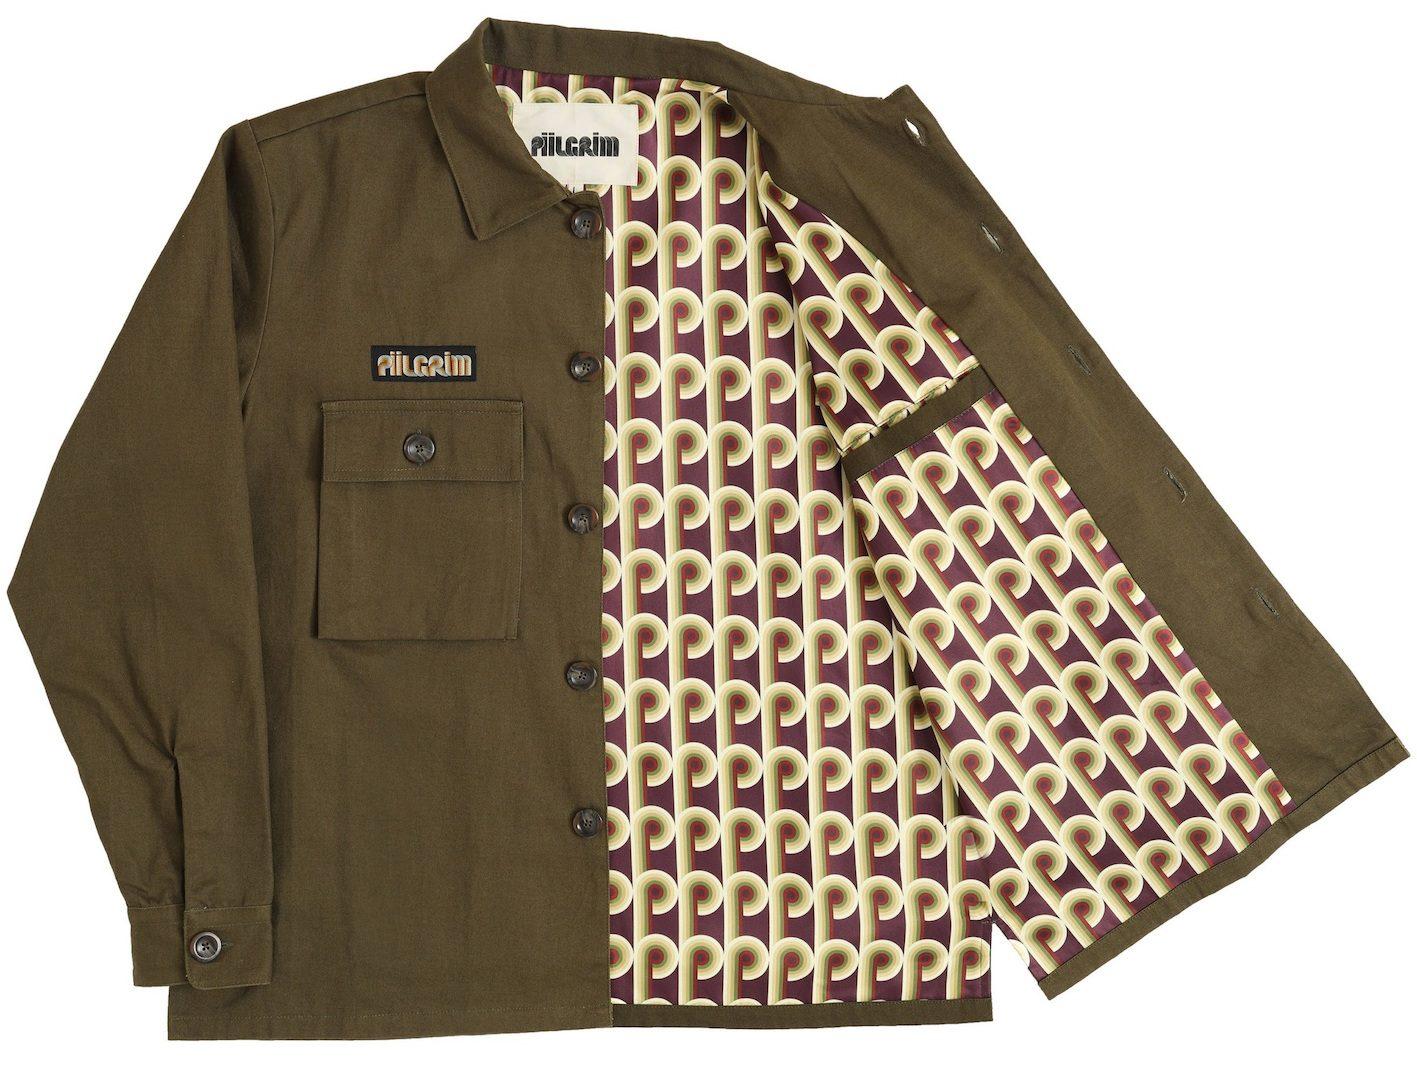 Piilgrim SS20 Men's Streetwear Preview